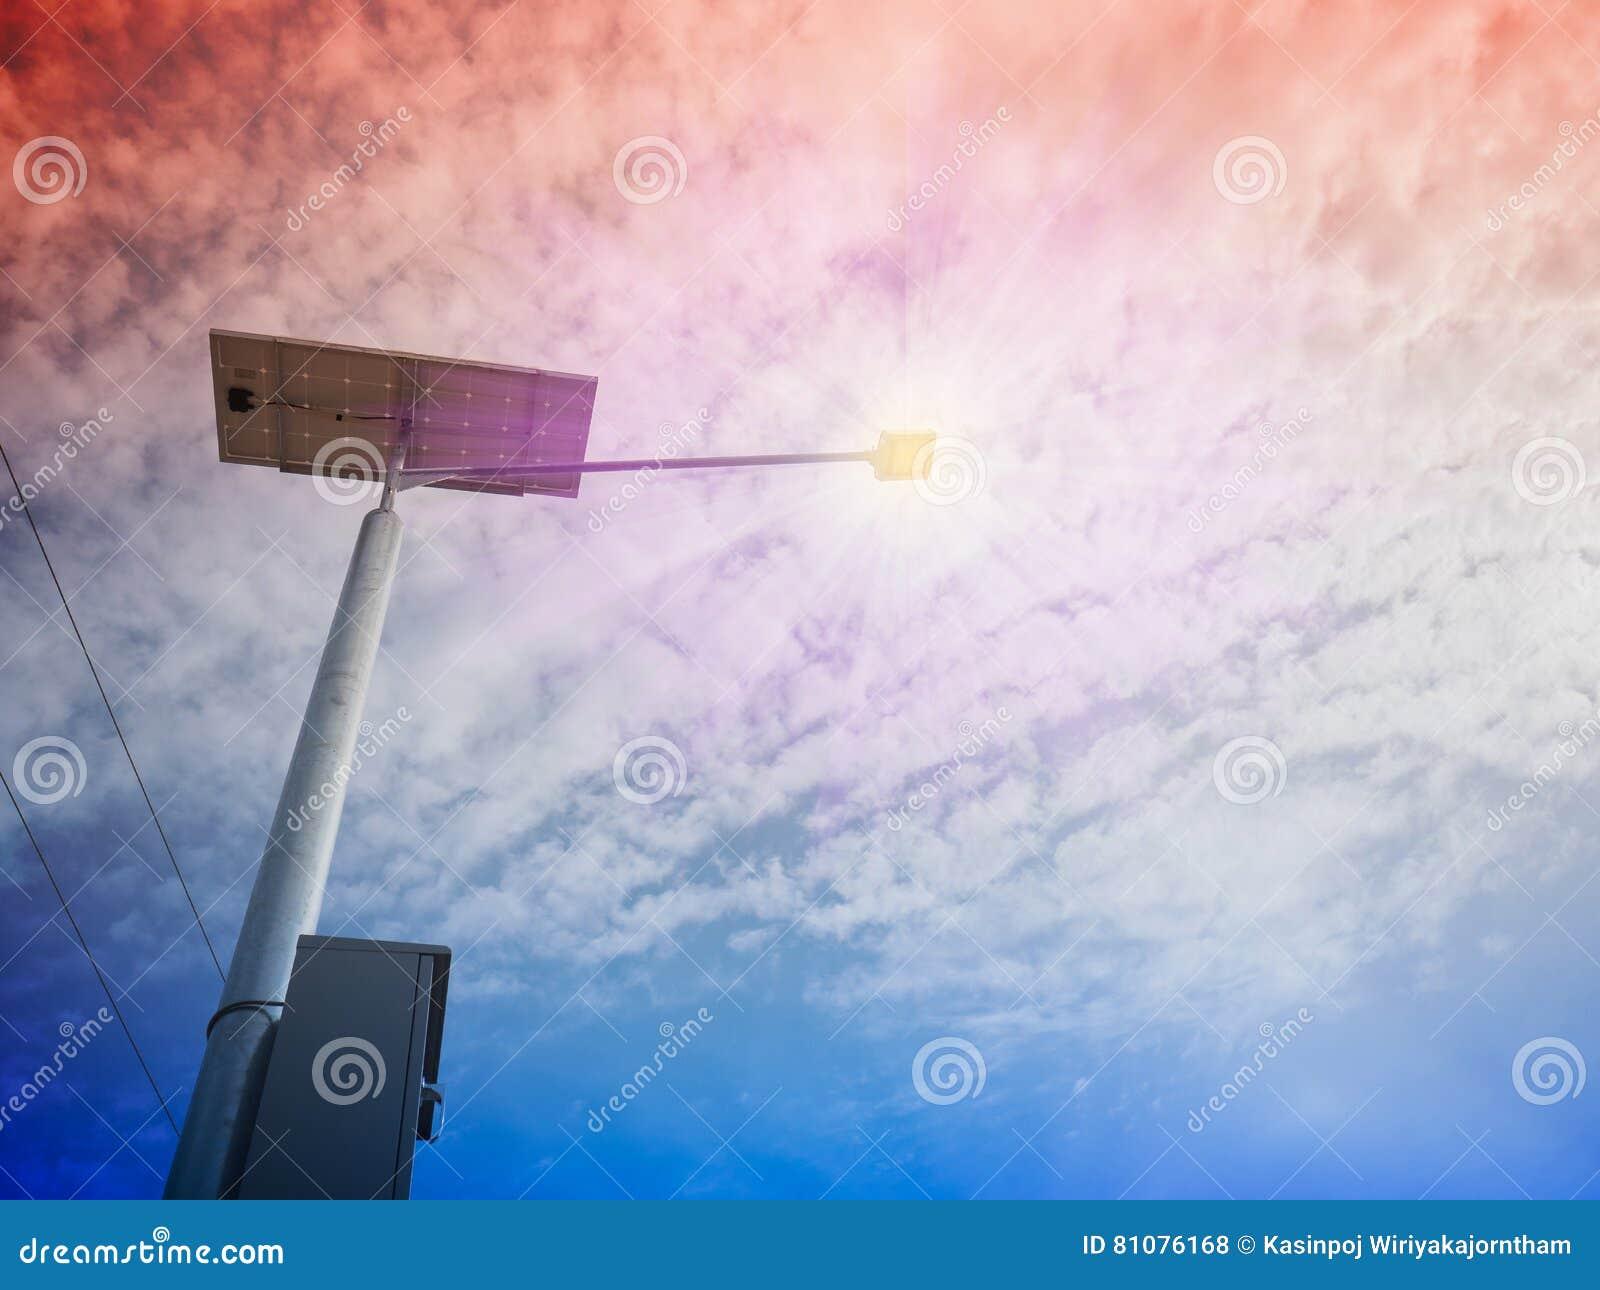 Courrier De Lampe Et Panneau Photovoltaique Photo Stock Image Du